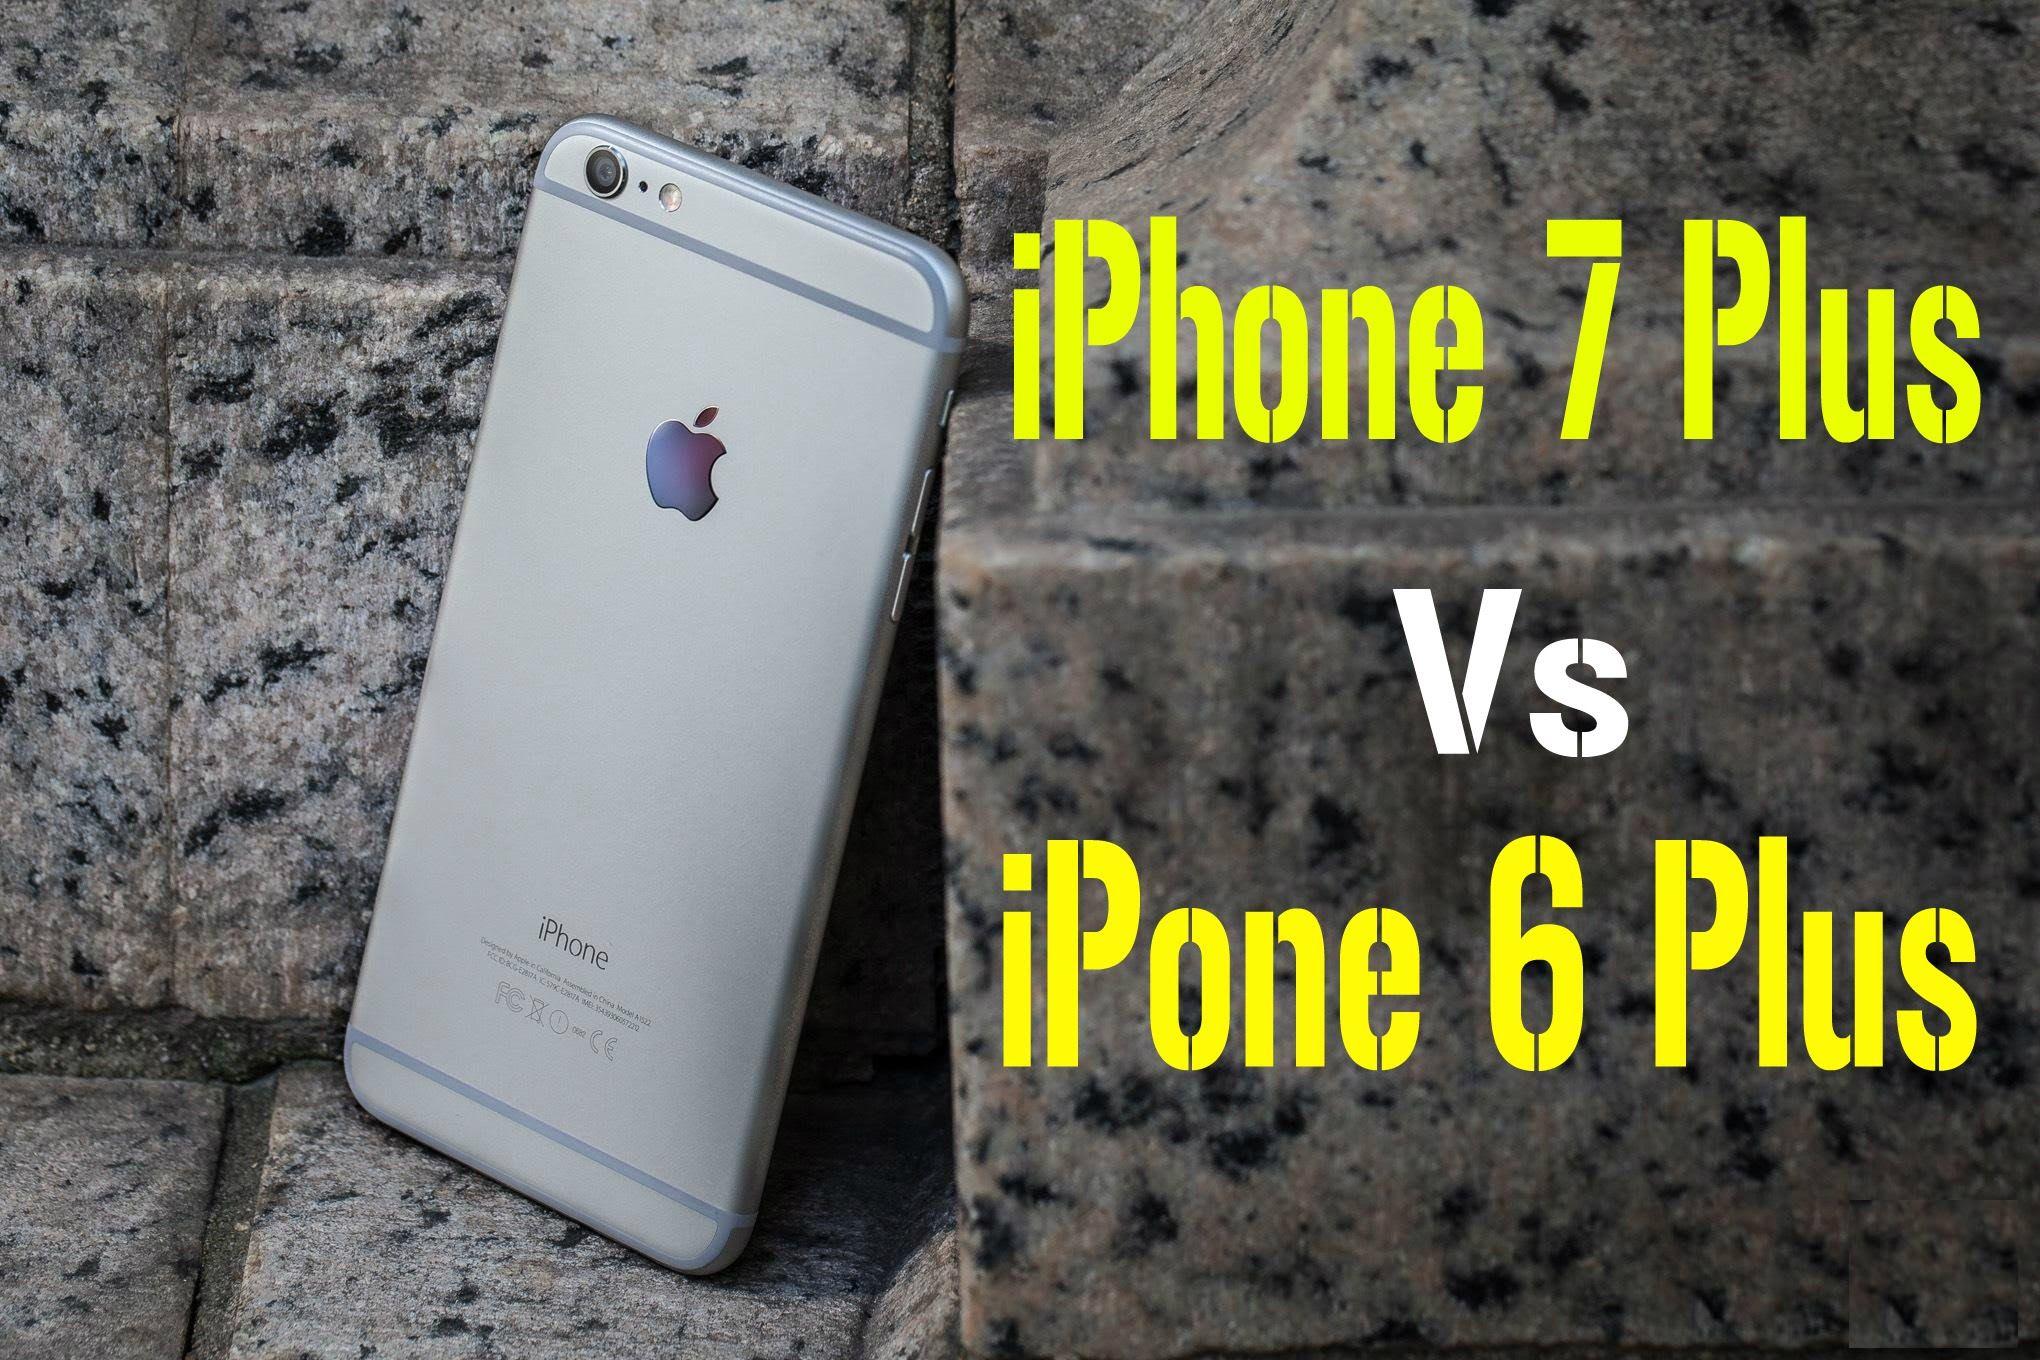 Apple iphone 7 plus vs apple iphone 6 plus comparison